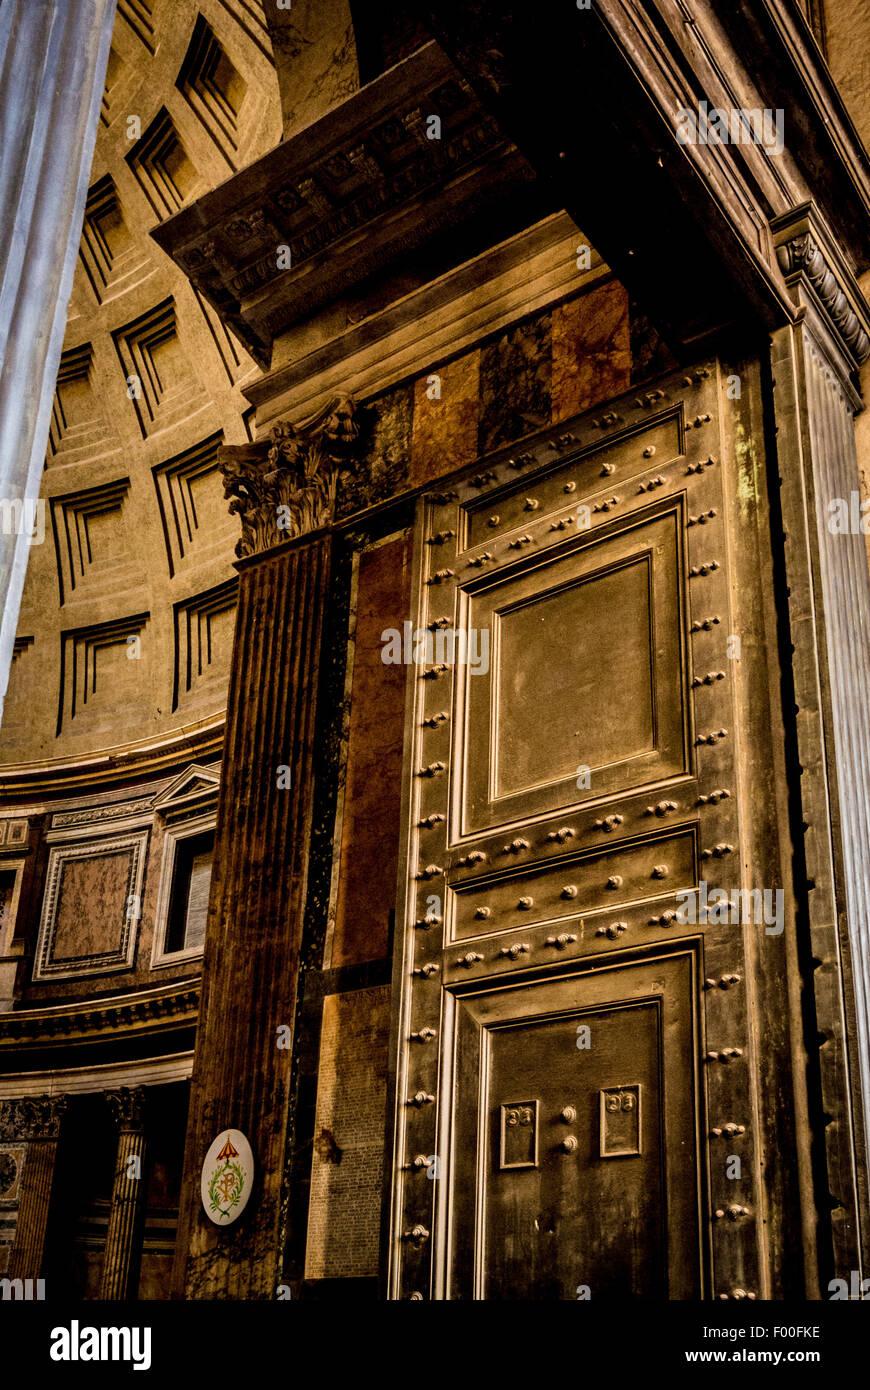 Original Bronze Exterior Door Of The Pantheon Ancient Roman Temple